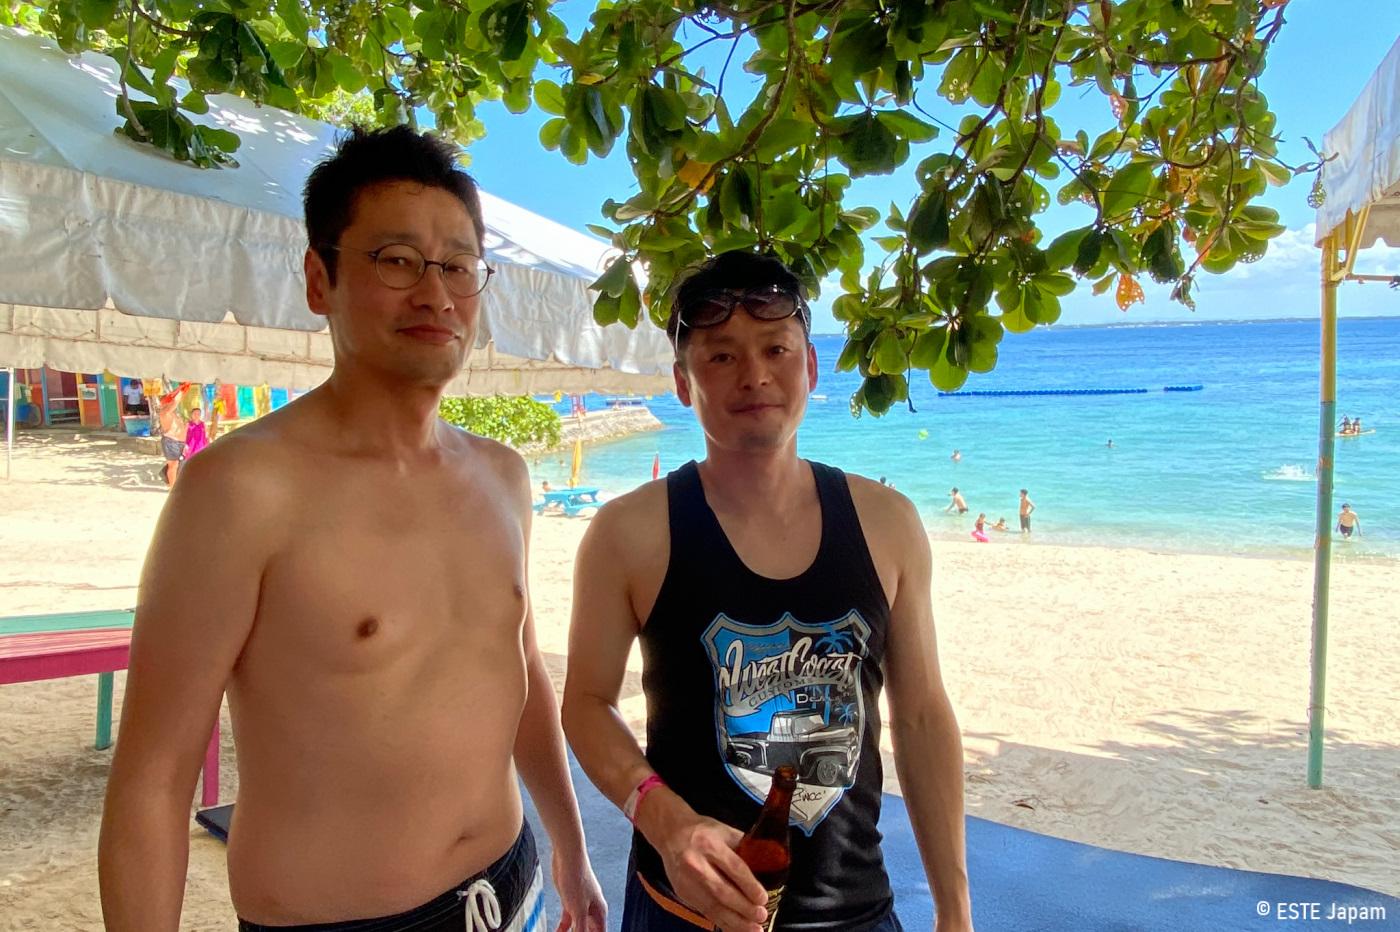 マクタンニュータウンビーチを楽しむ男性2名